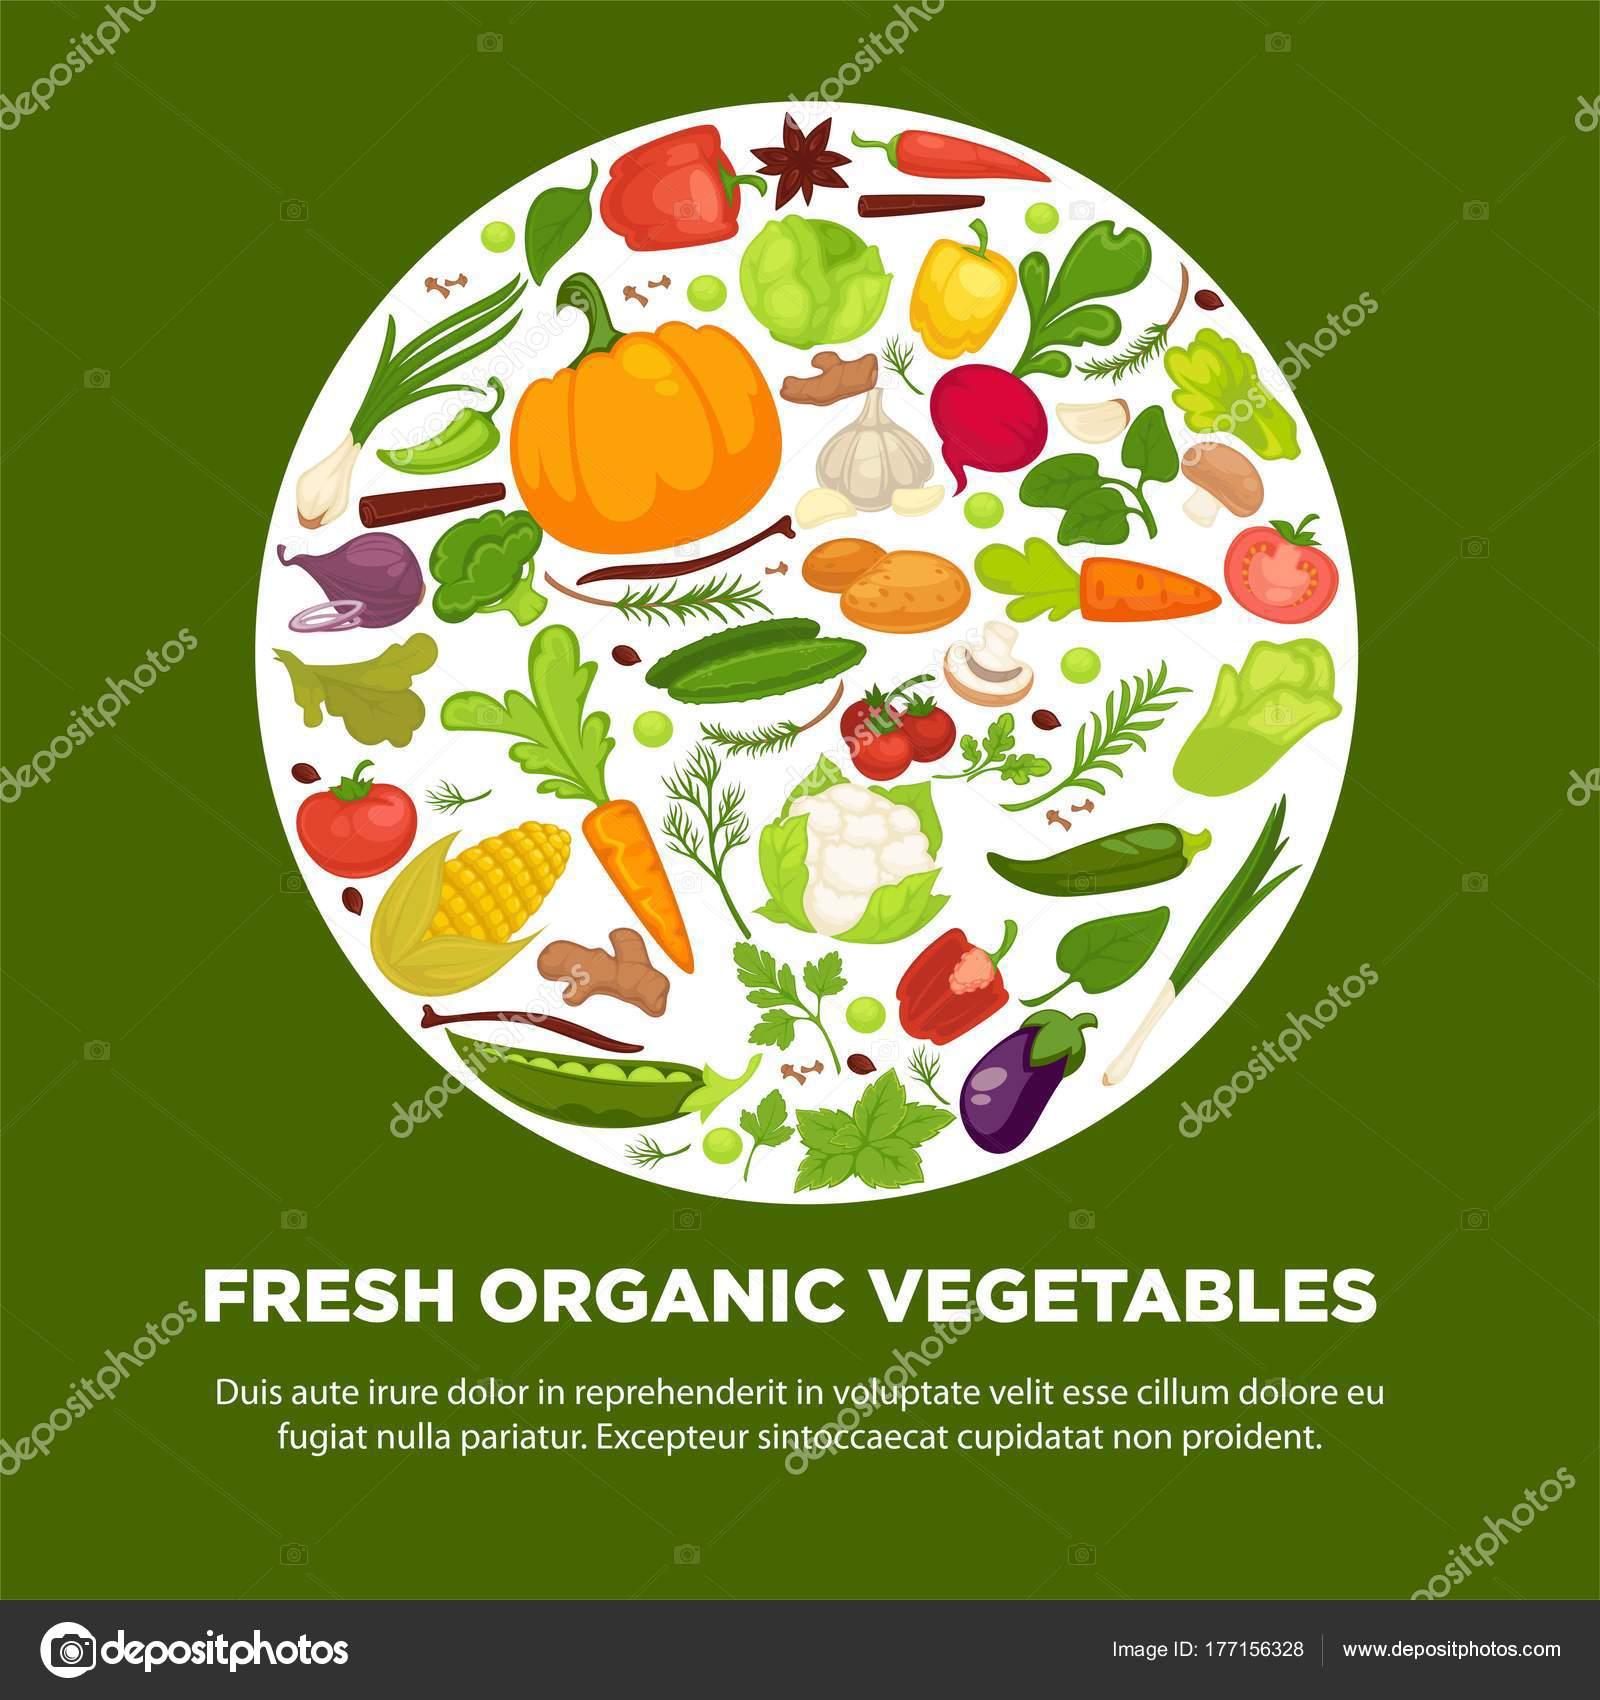 Plakat Zdrowe Jedzenie Warzyw Organicznych Warzywko Zdrowych Kapustę